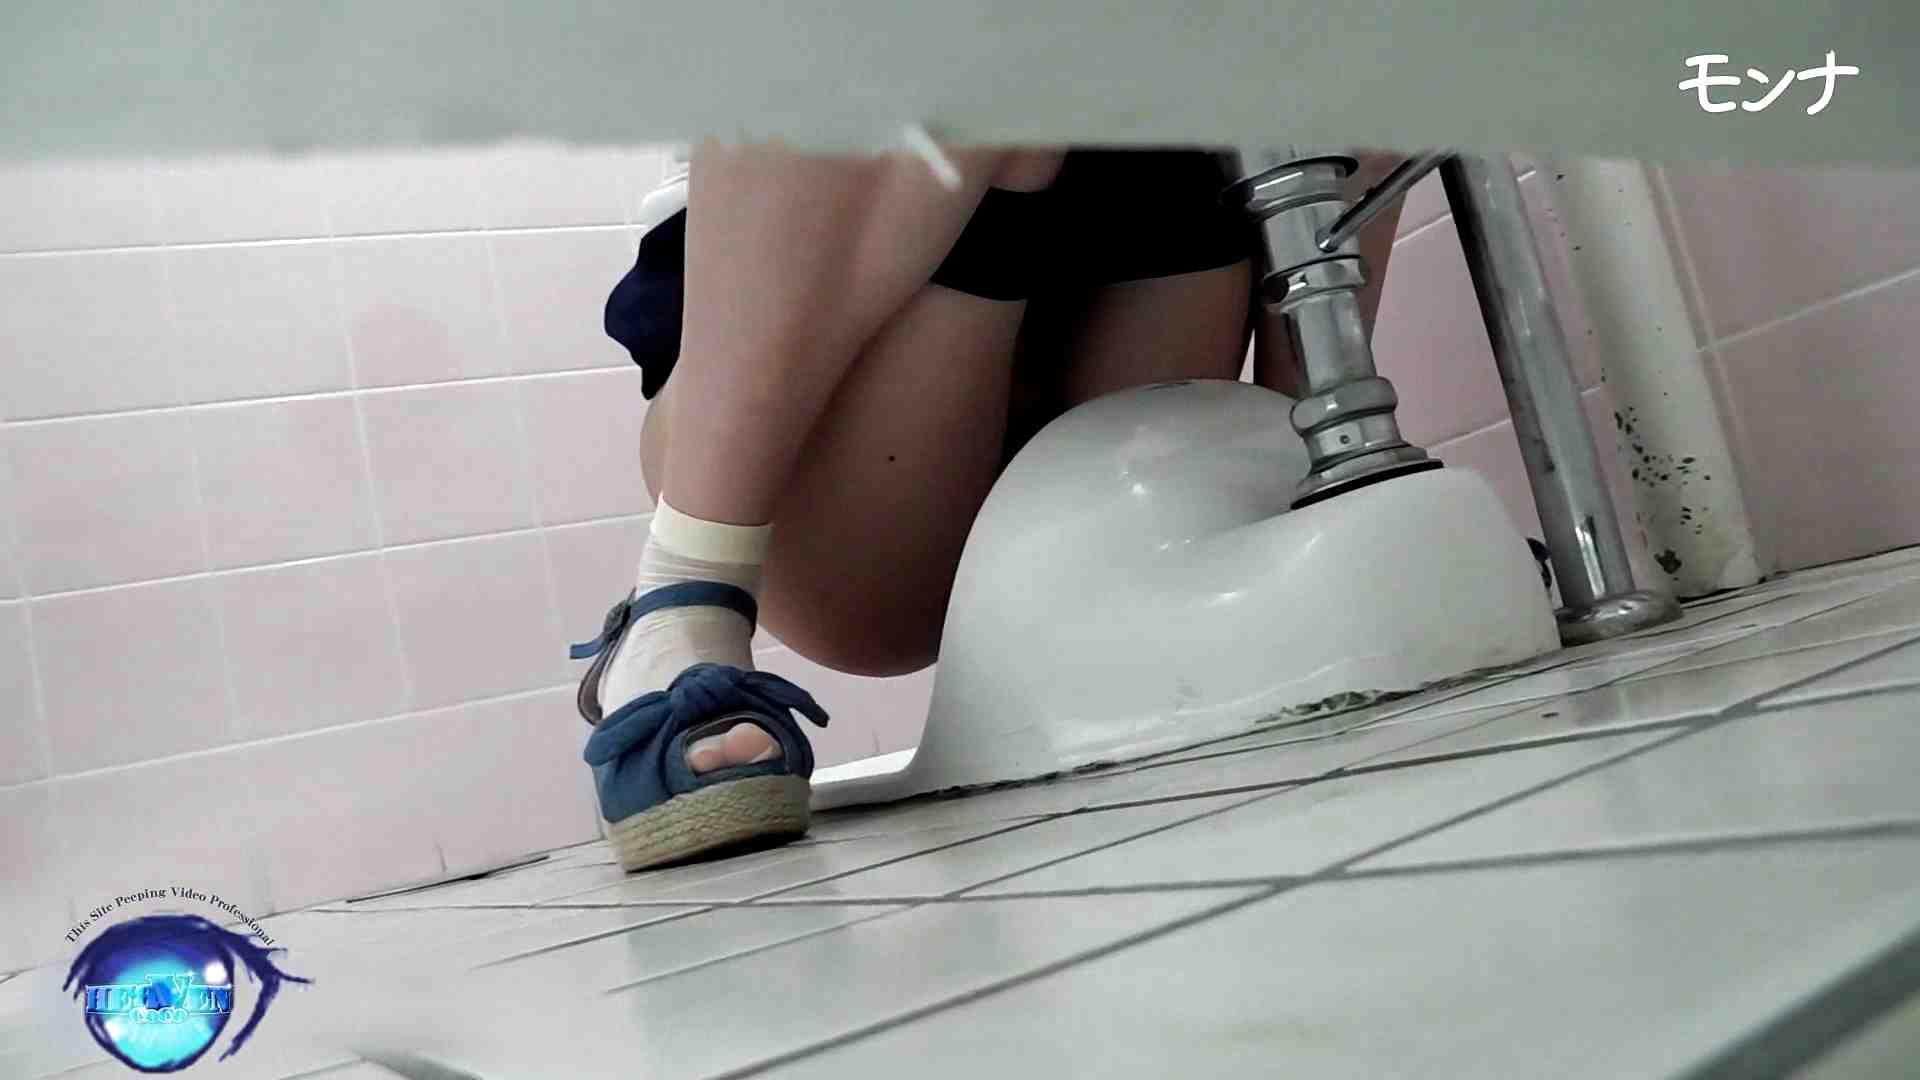 【美しい日本の未来】美しい日本の未来 No.82たまらない丸み、今度またハプニング起きる アナルプレイ 女性器鑑賞 98pic 61